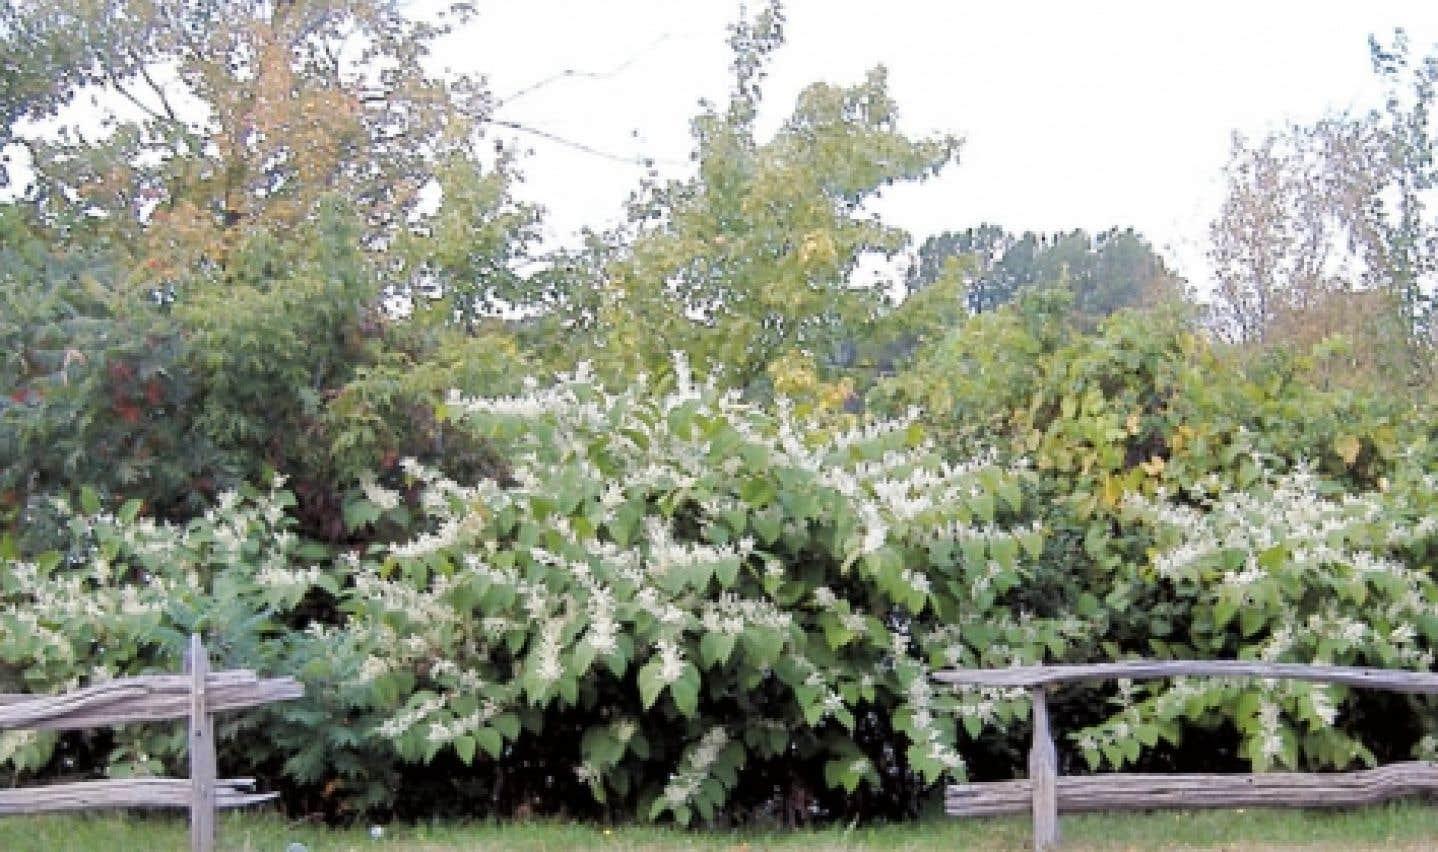 La renouée japonaise est l'une des plantes invasives les plus préoccupantes et il est pratiquement impossible de l'éliminer.